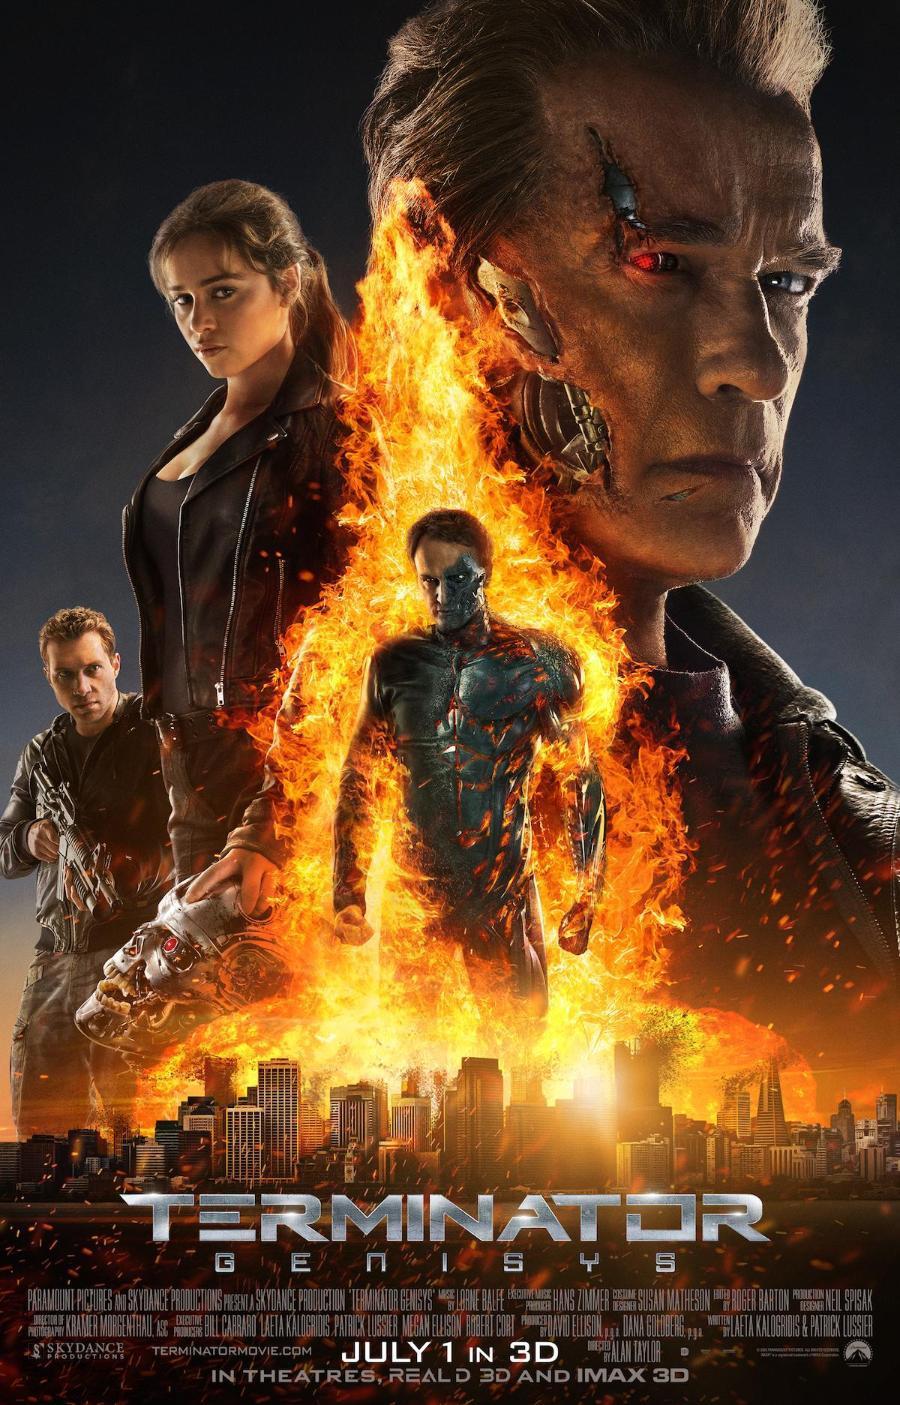 터미네이터 제니시스 (Terminator Genisys, 2015)